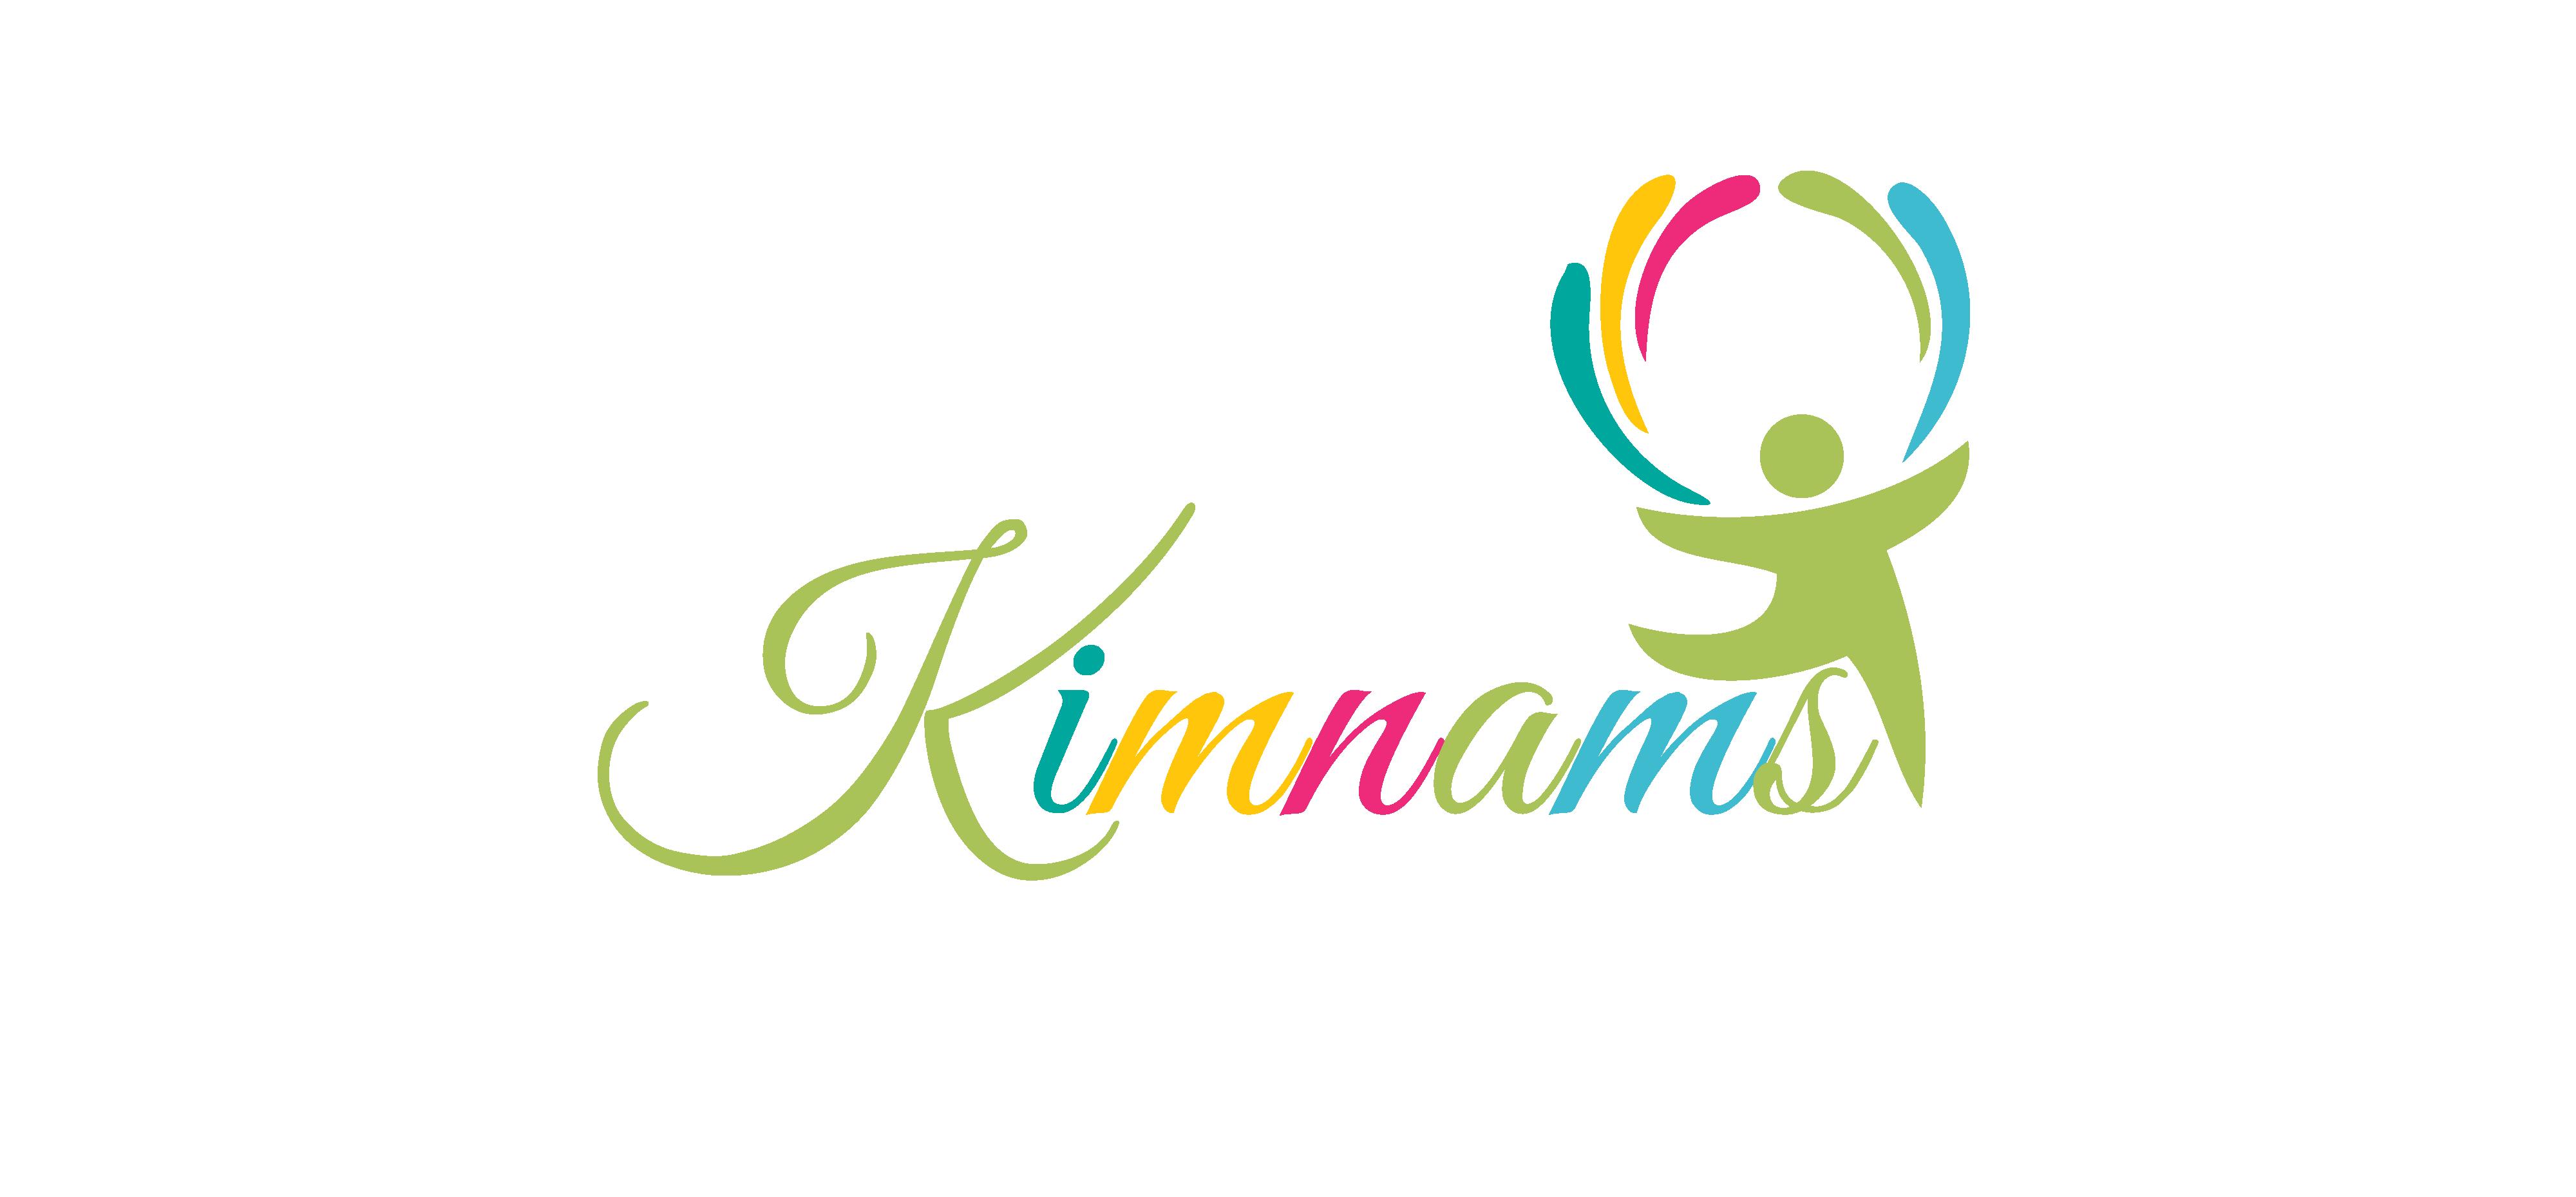 Bán buôn quần áo trẻ em KIMNAMS